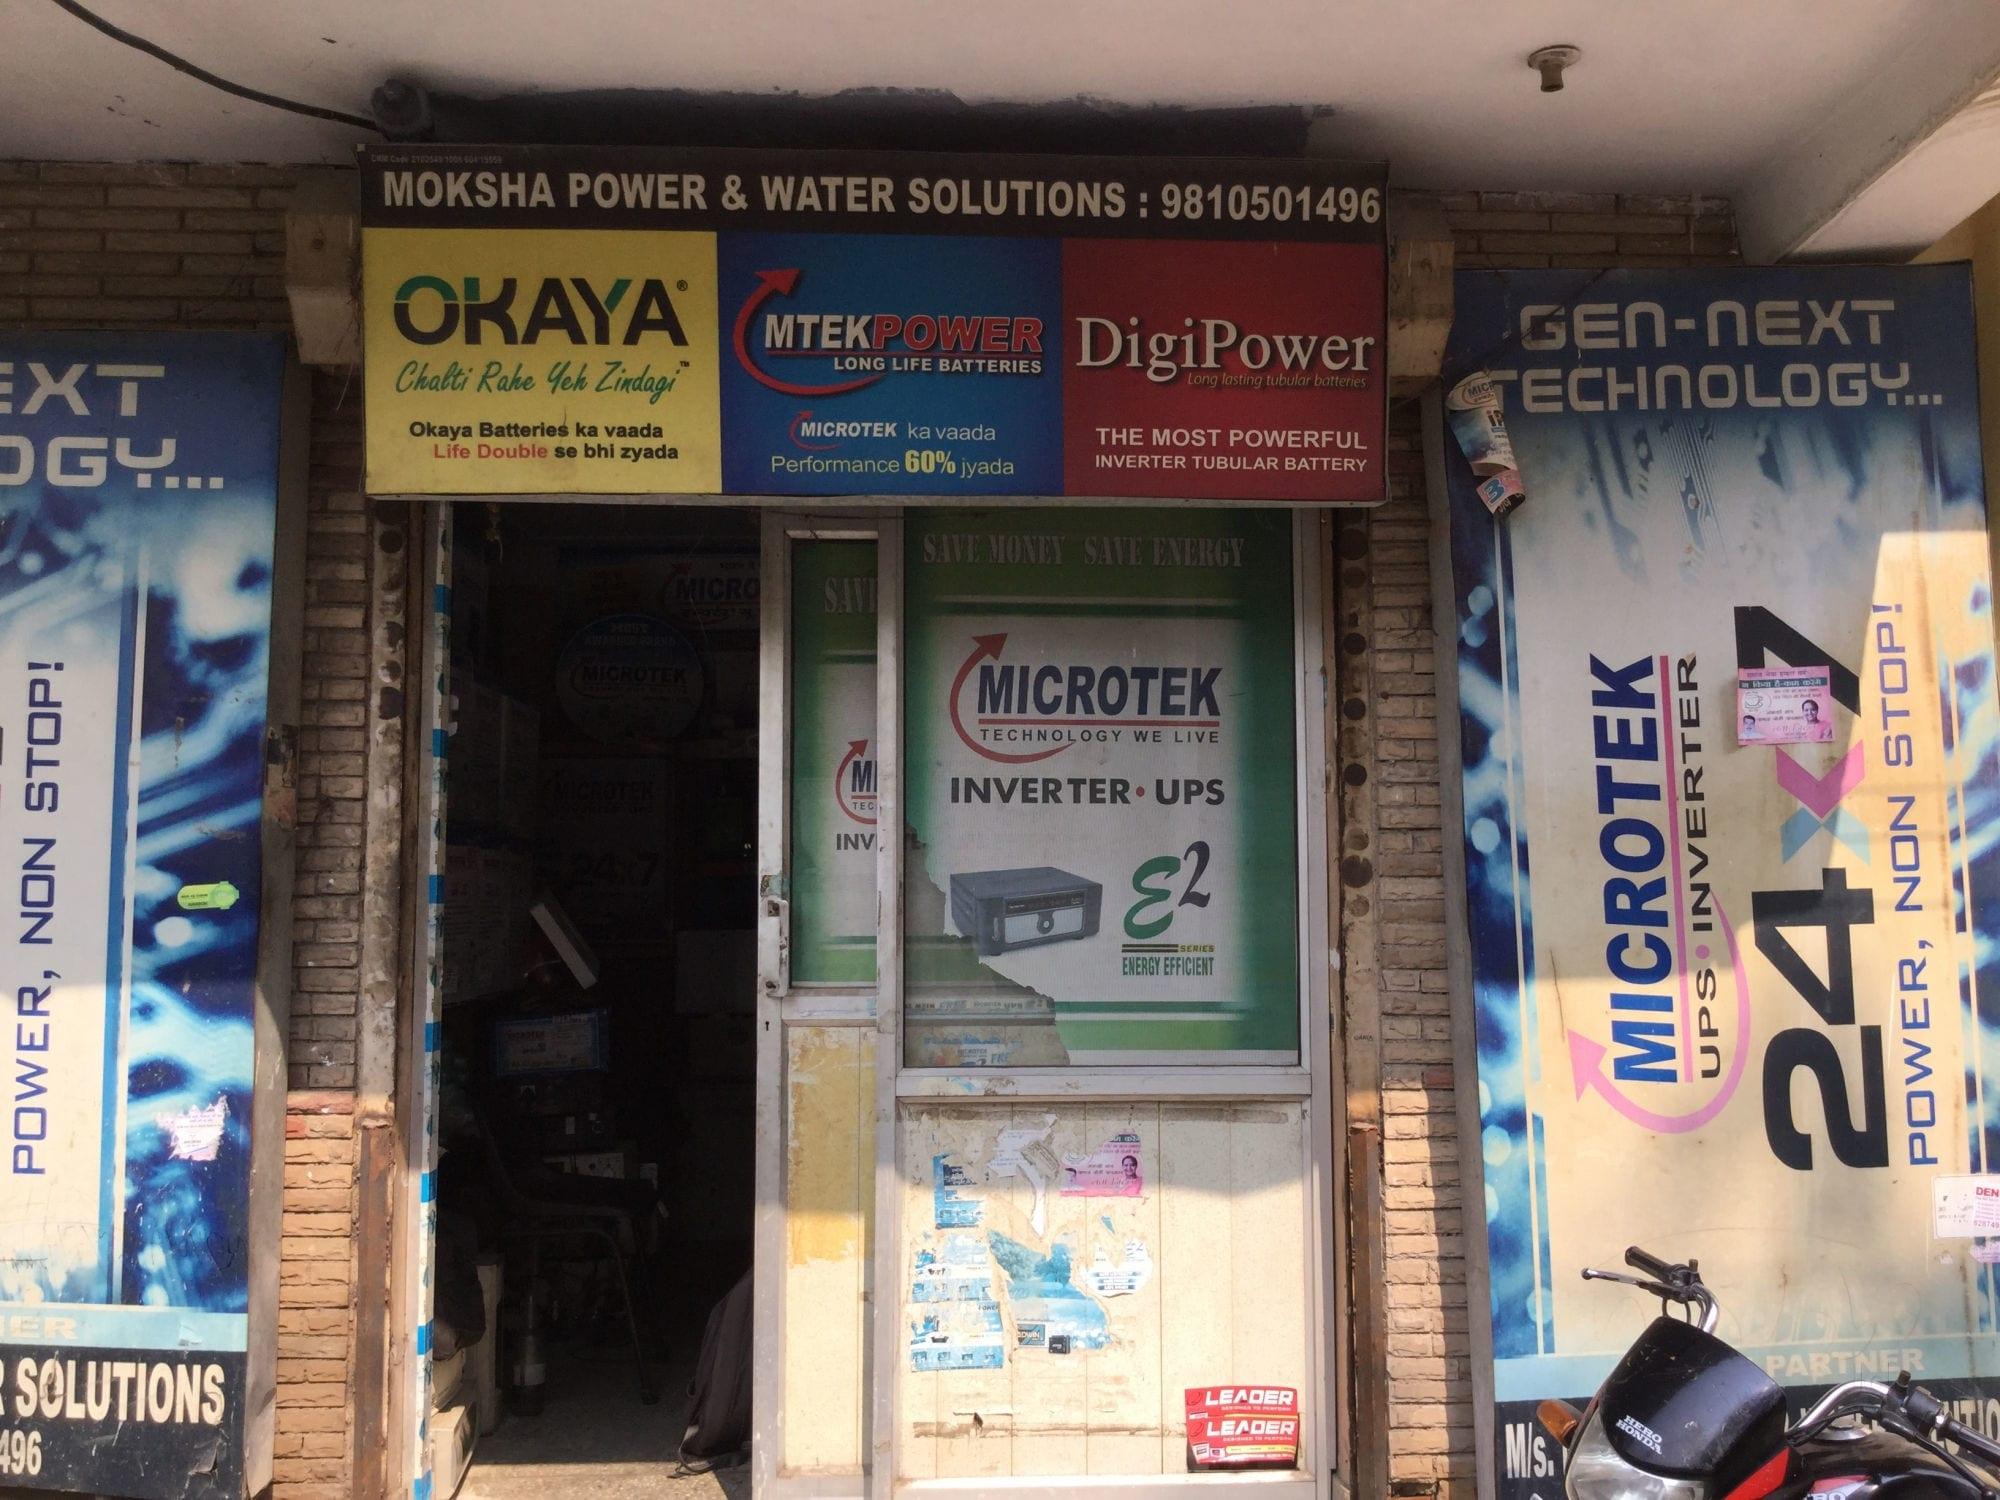 Top Exide Ups Repair & Services in Karol Bagh - Best Exide